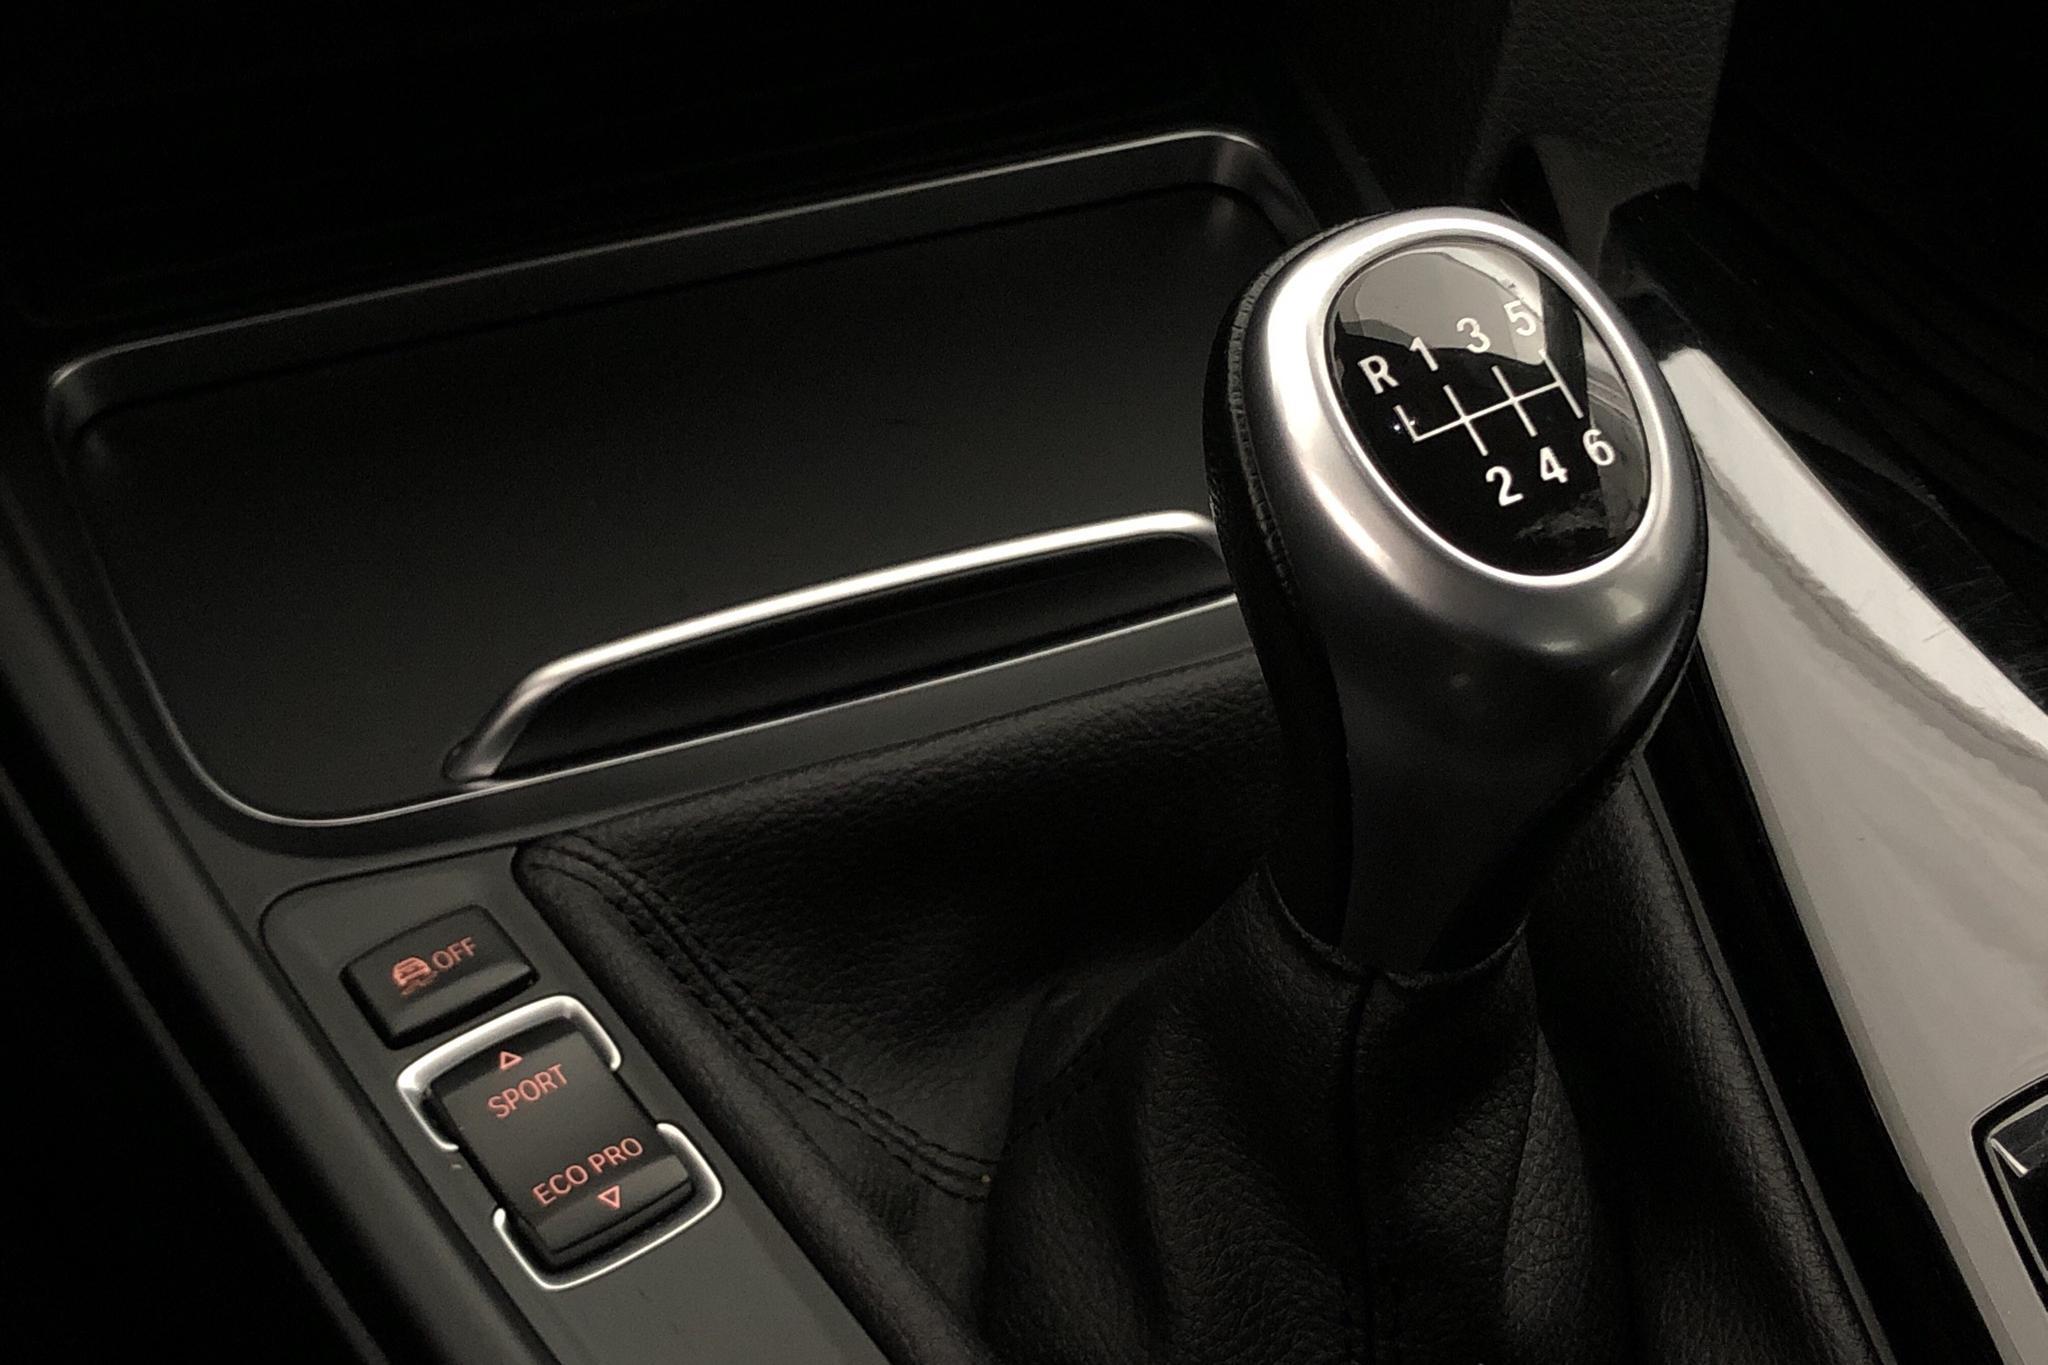 BMW 320d xDrive Sedan, F30 (190hk) - 11 959 mil - Manuell - svart - 2018